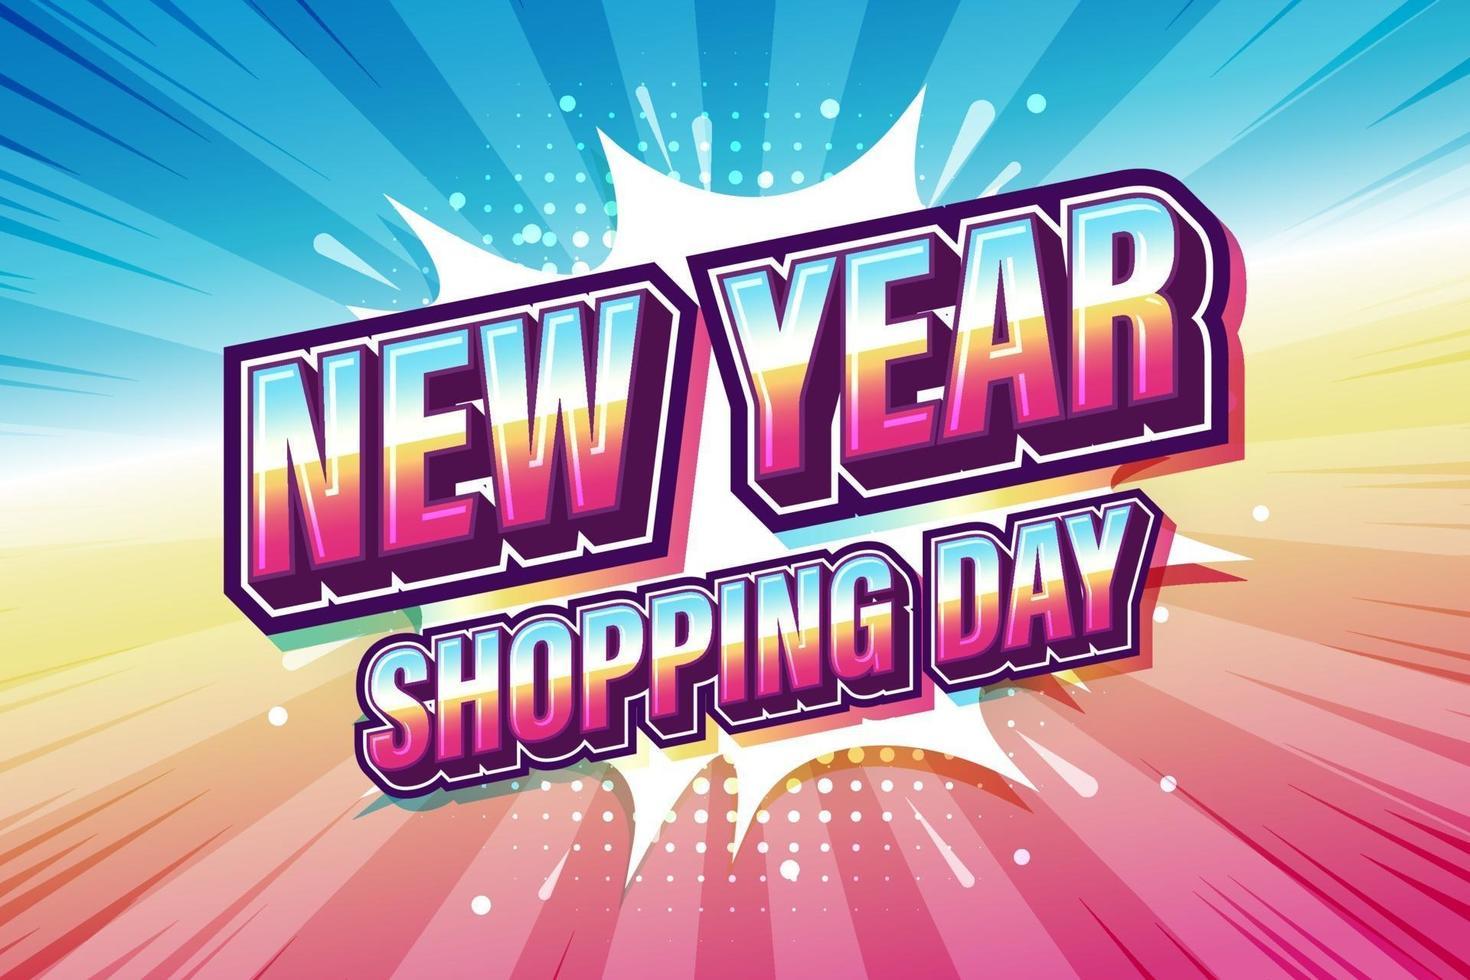 Nieuwjaarswinkeldag, lettertype-uitdrukking popart komische kleurrijke tekstballon. vector illustratie